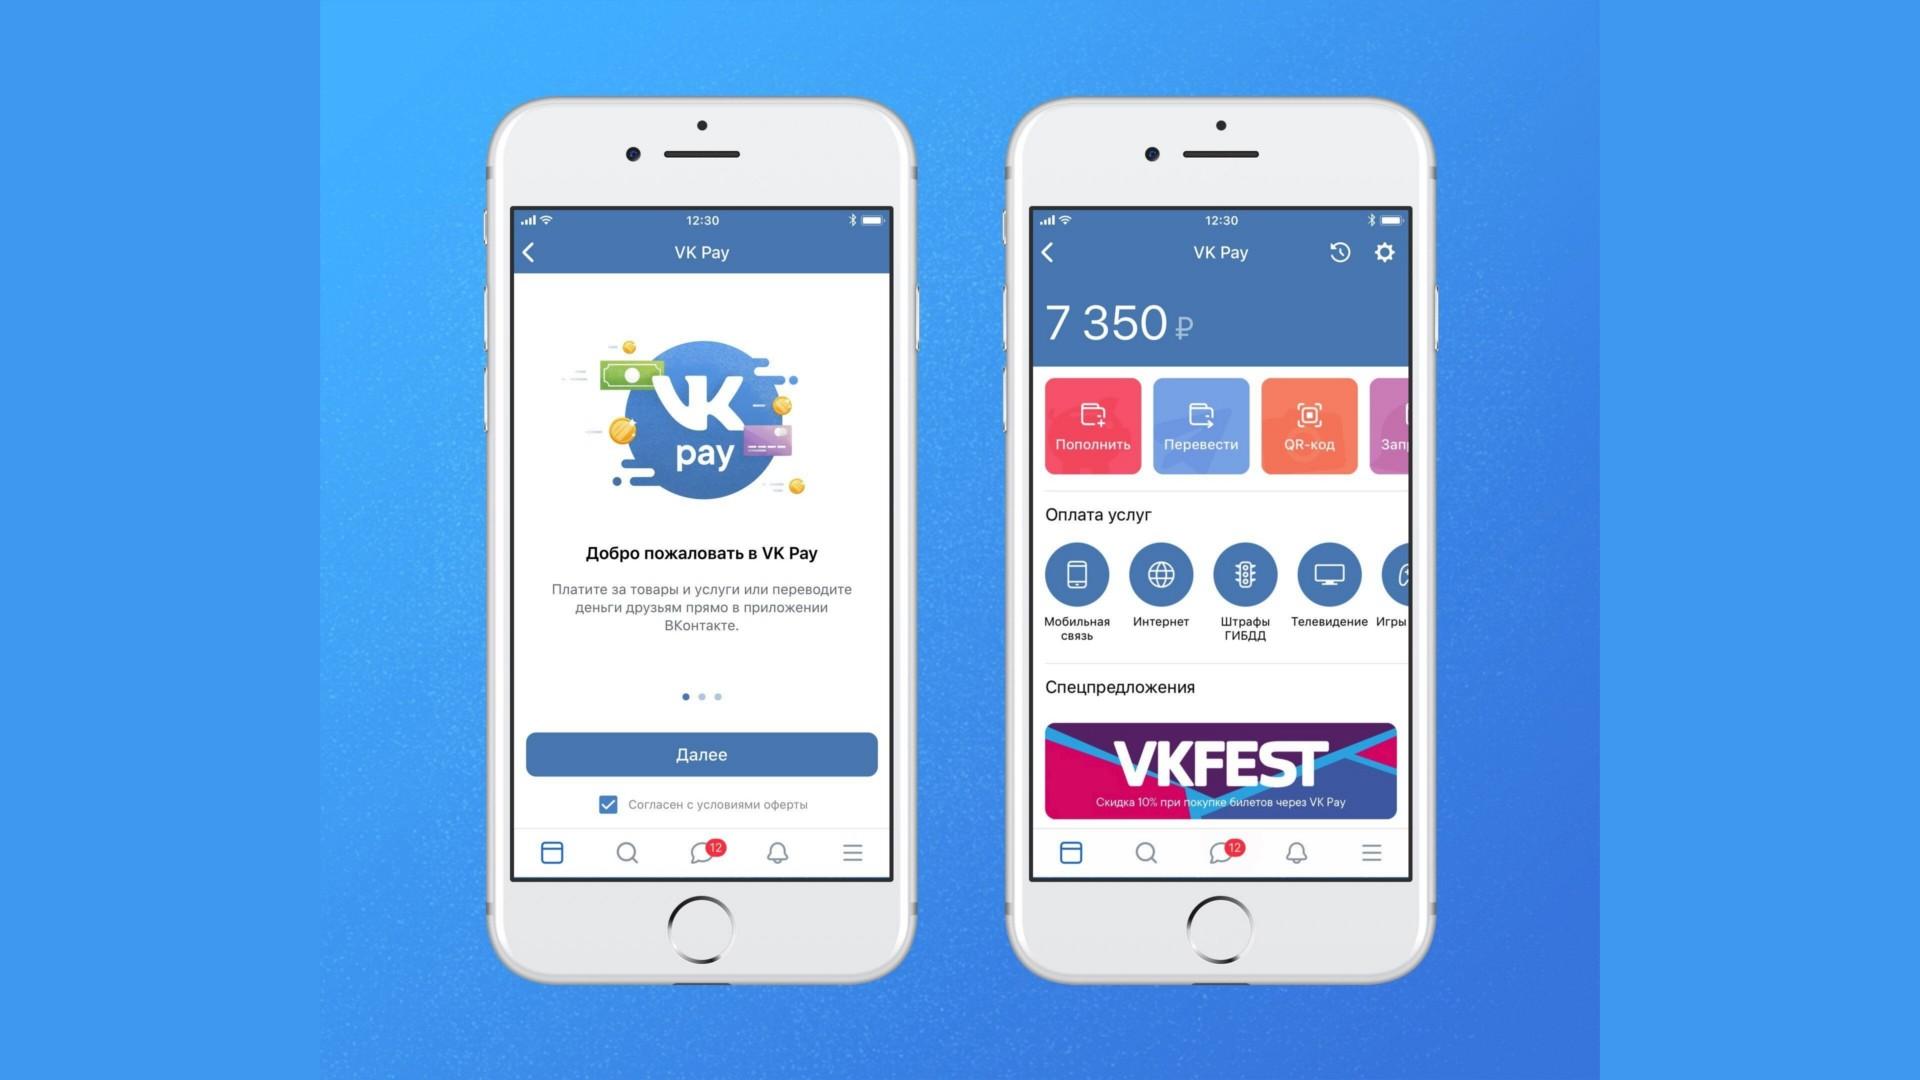 «ВКонтакте» запускает платёжный сервис VK Pay